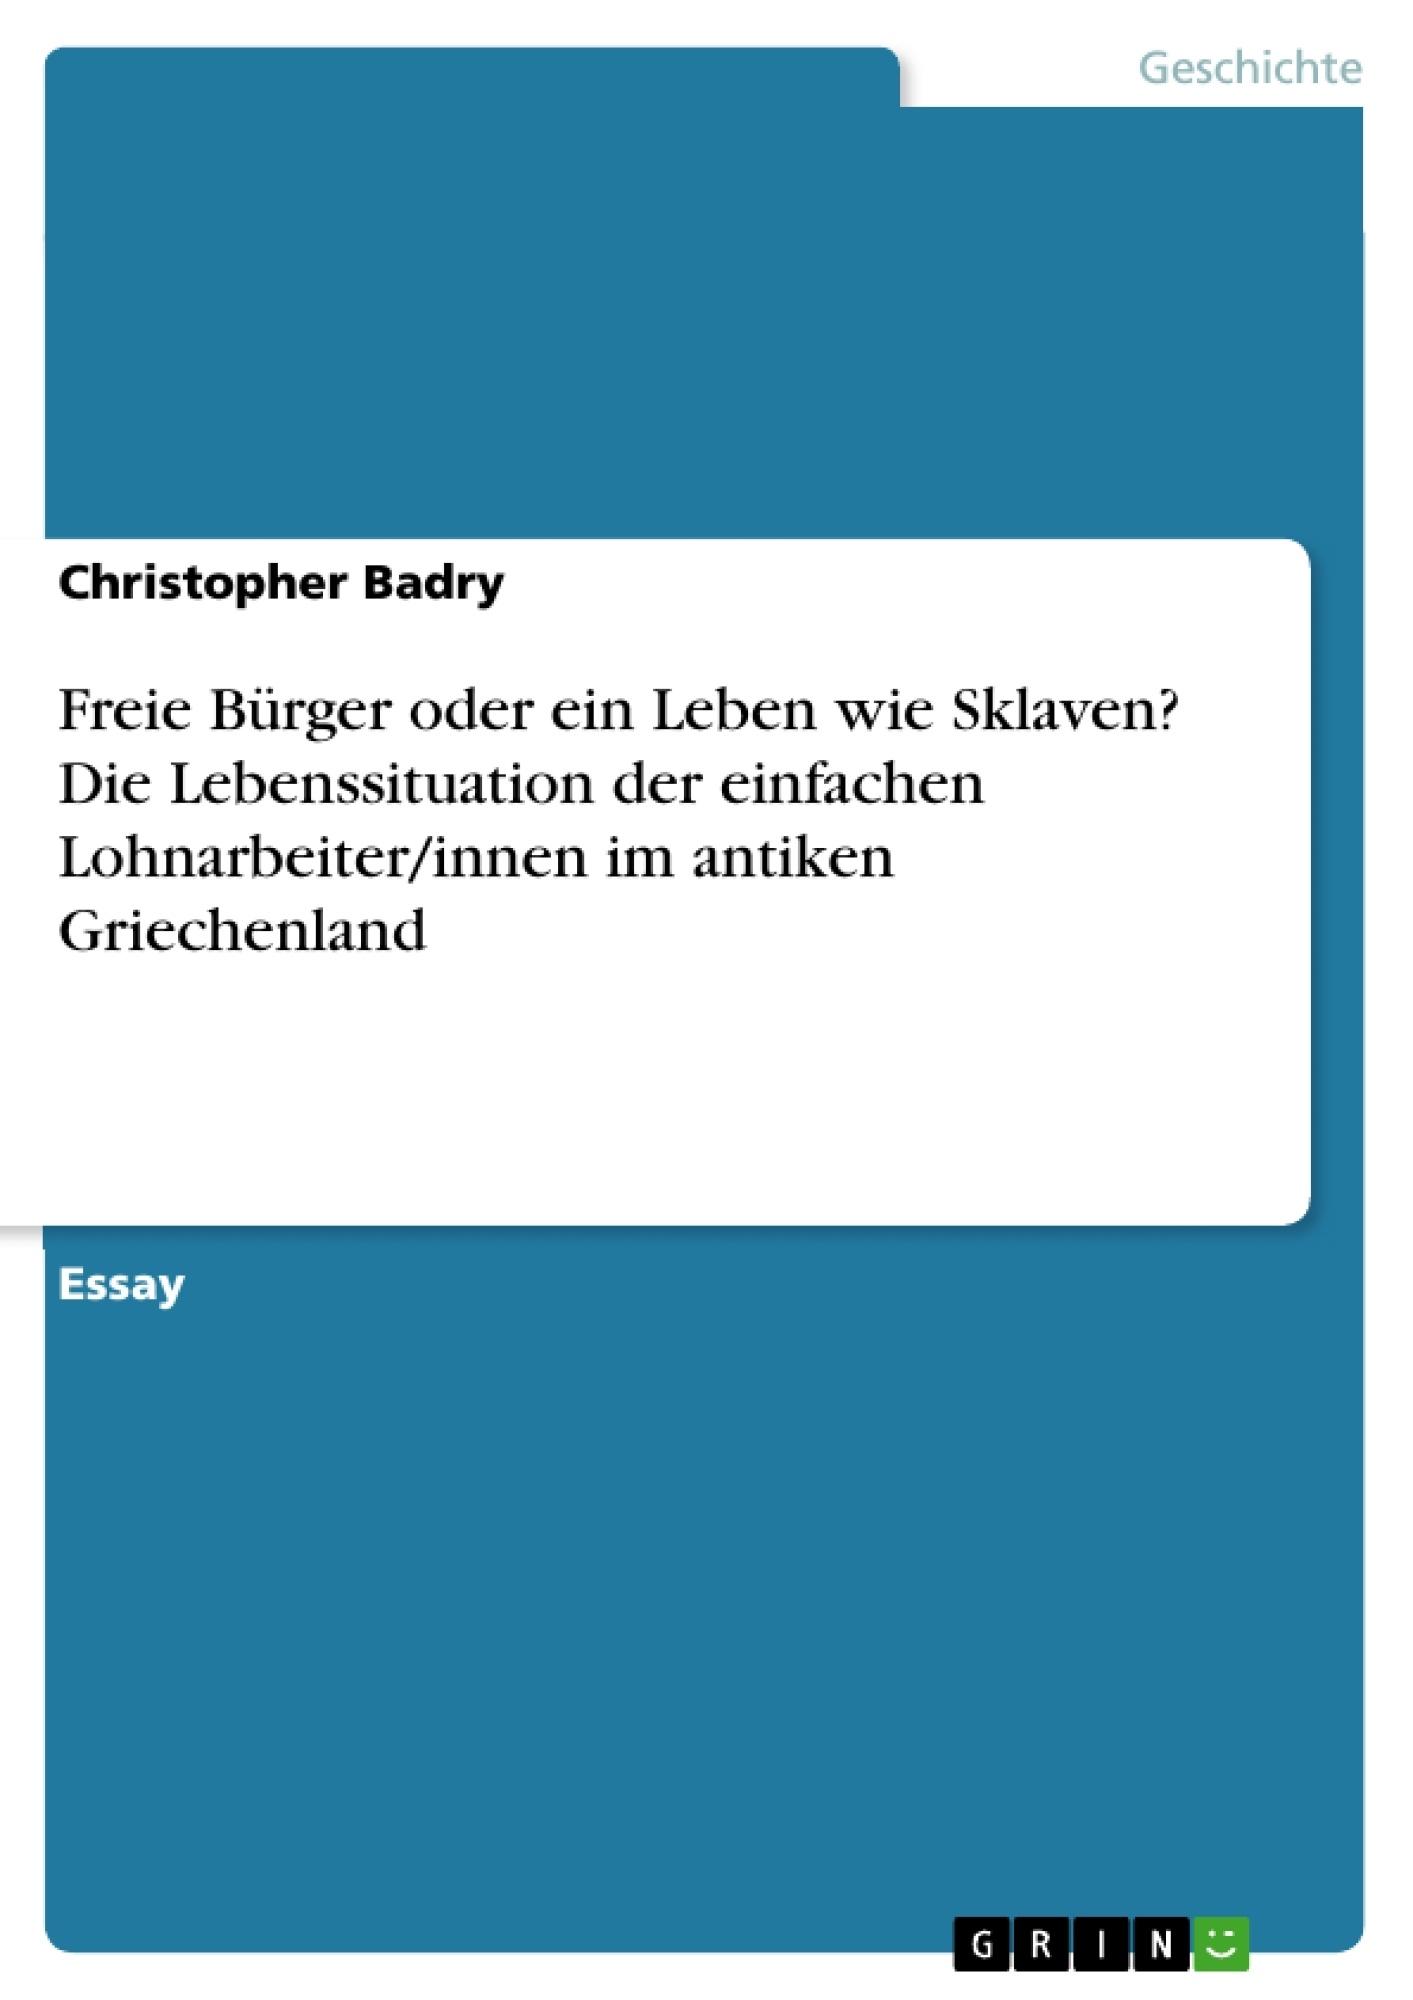 Titel: Freie Bürger oder ein Leben wie Sklaven? Die Lebenssituation der einfachen Lohnarbeiter/innen im antiken Griechenland